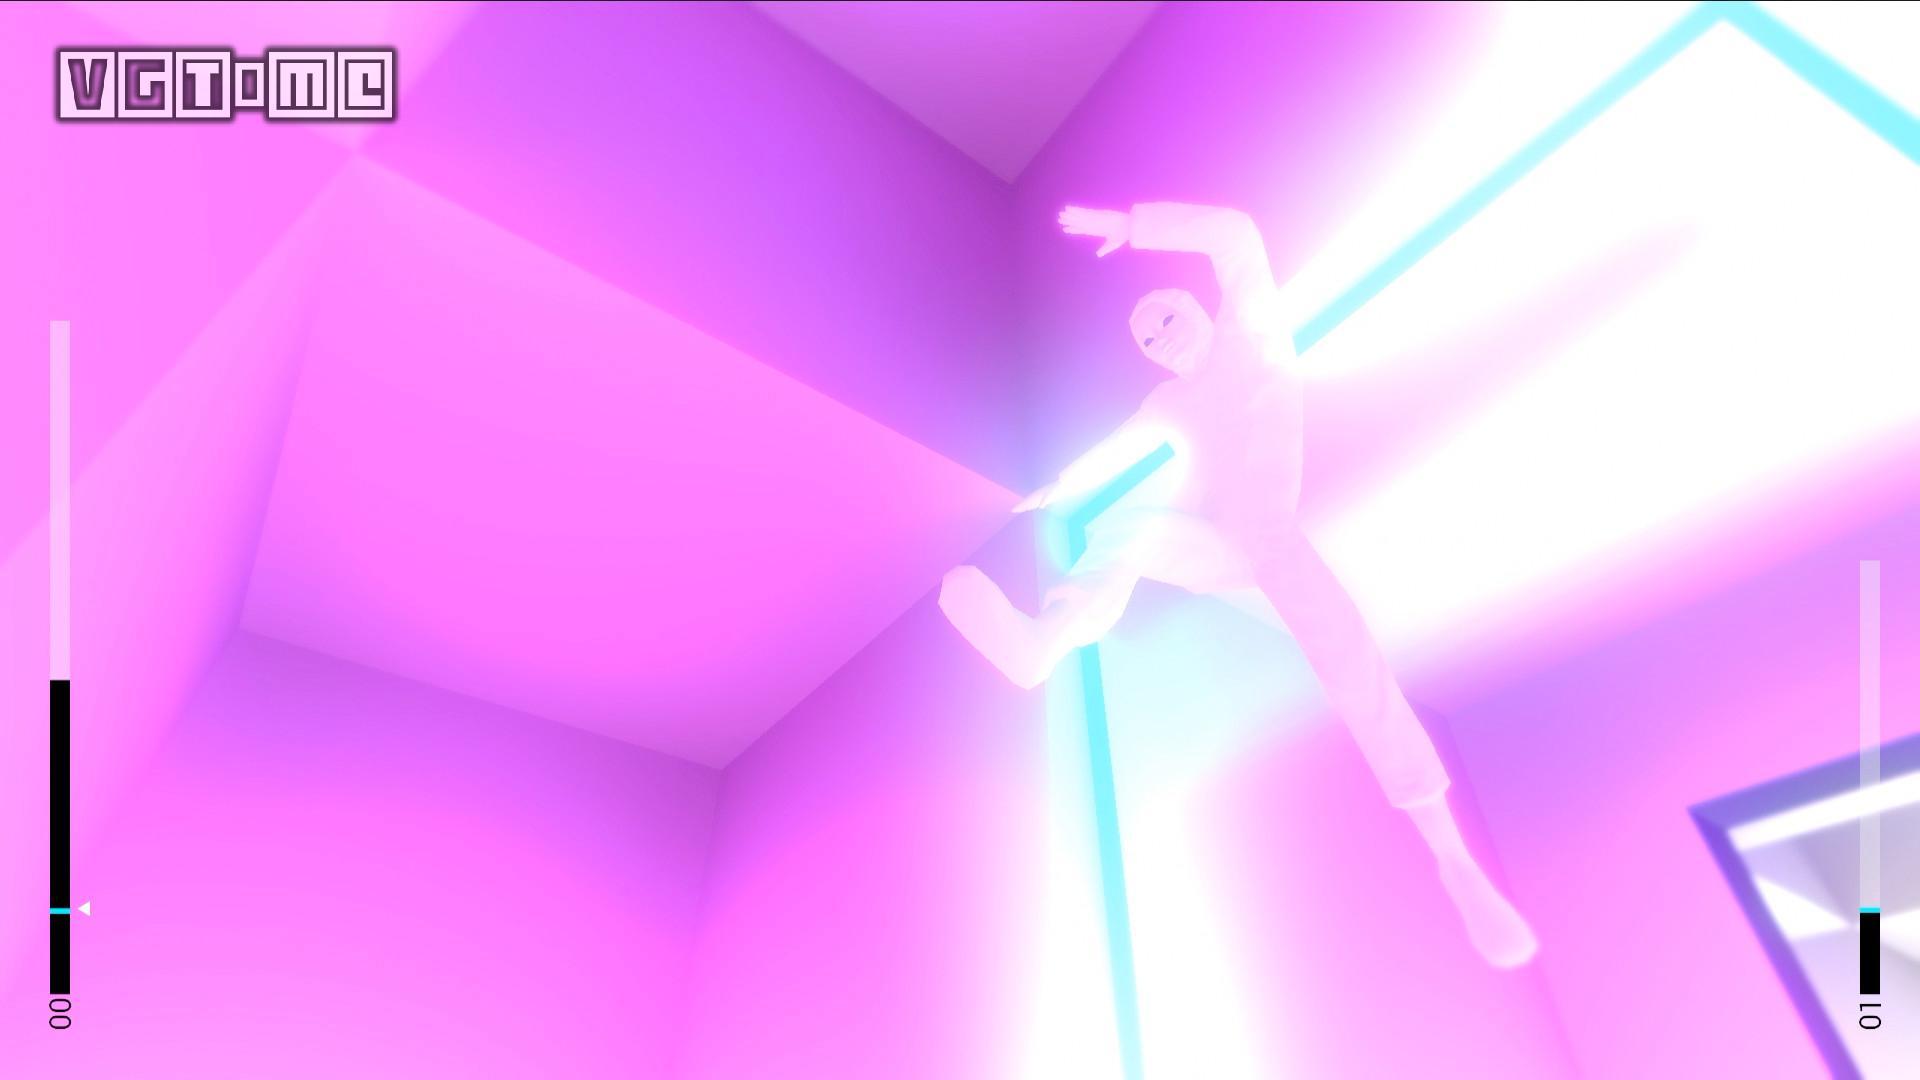 時間扭曲+平臺跳躍_《回音倒影》將于3月15日正式發售